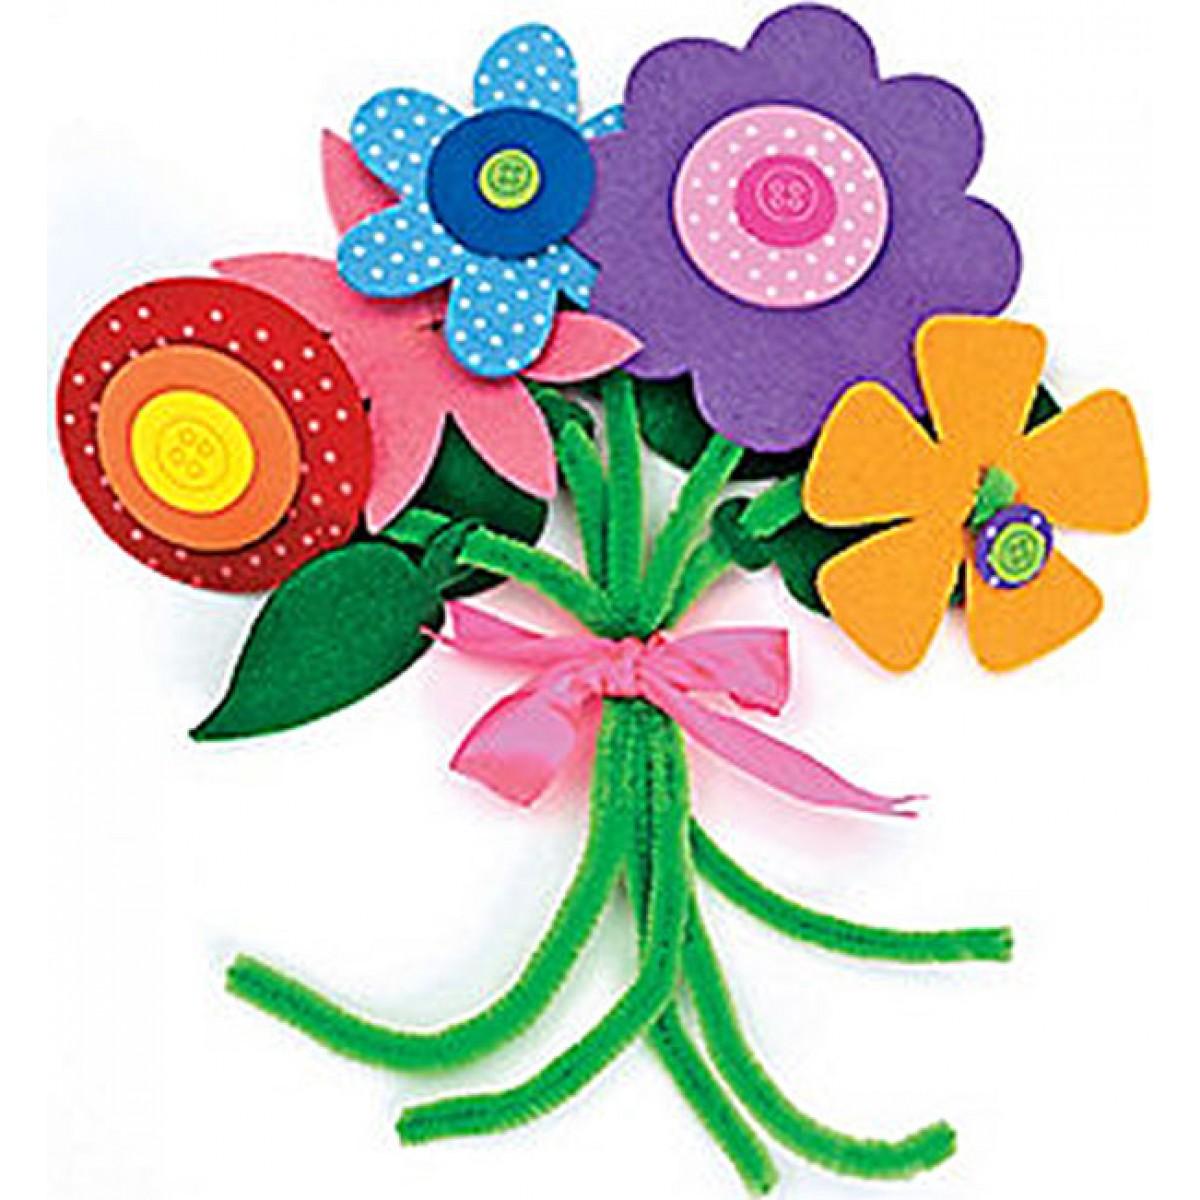 Fun Express In 486520 Felt Flower Bouquet Craft Kit The Craft